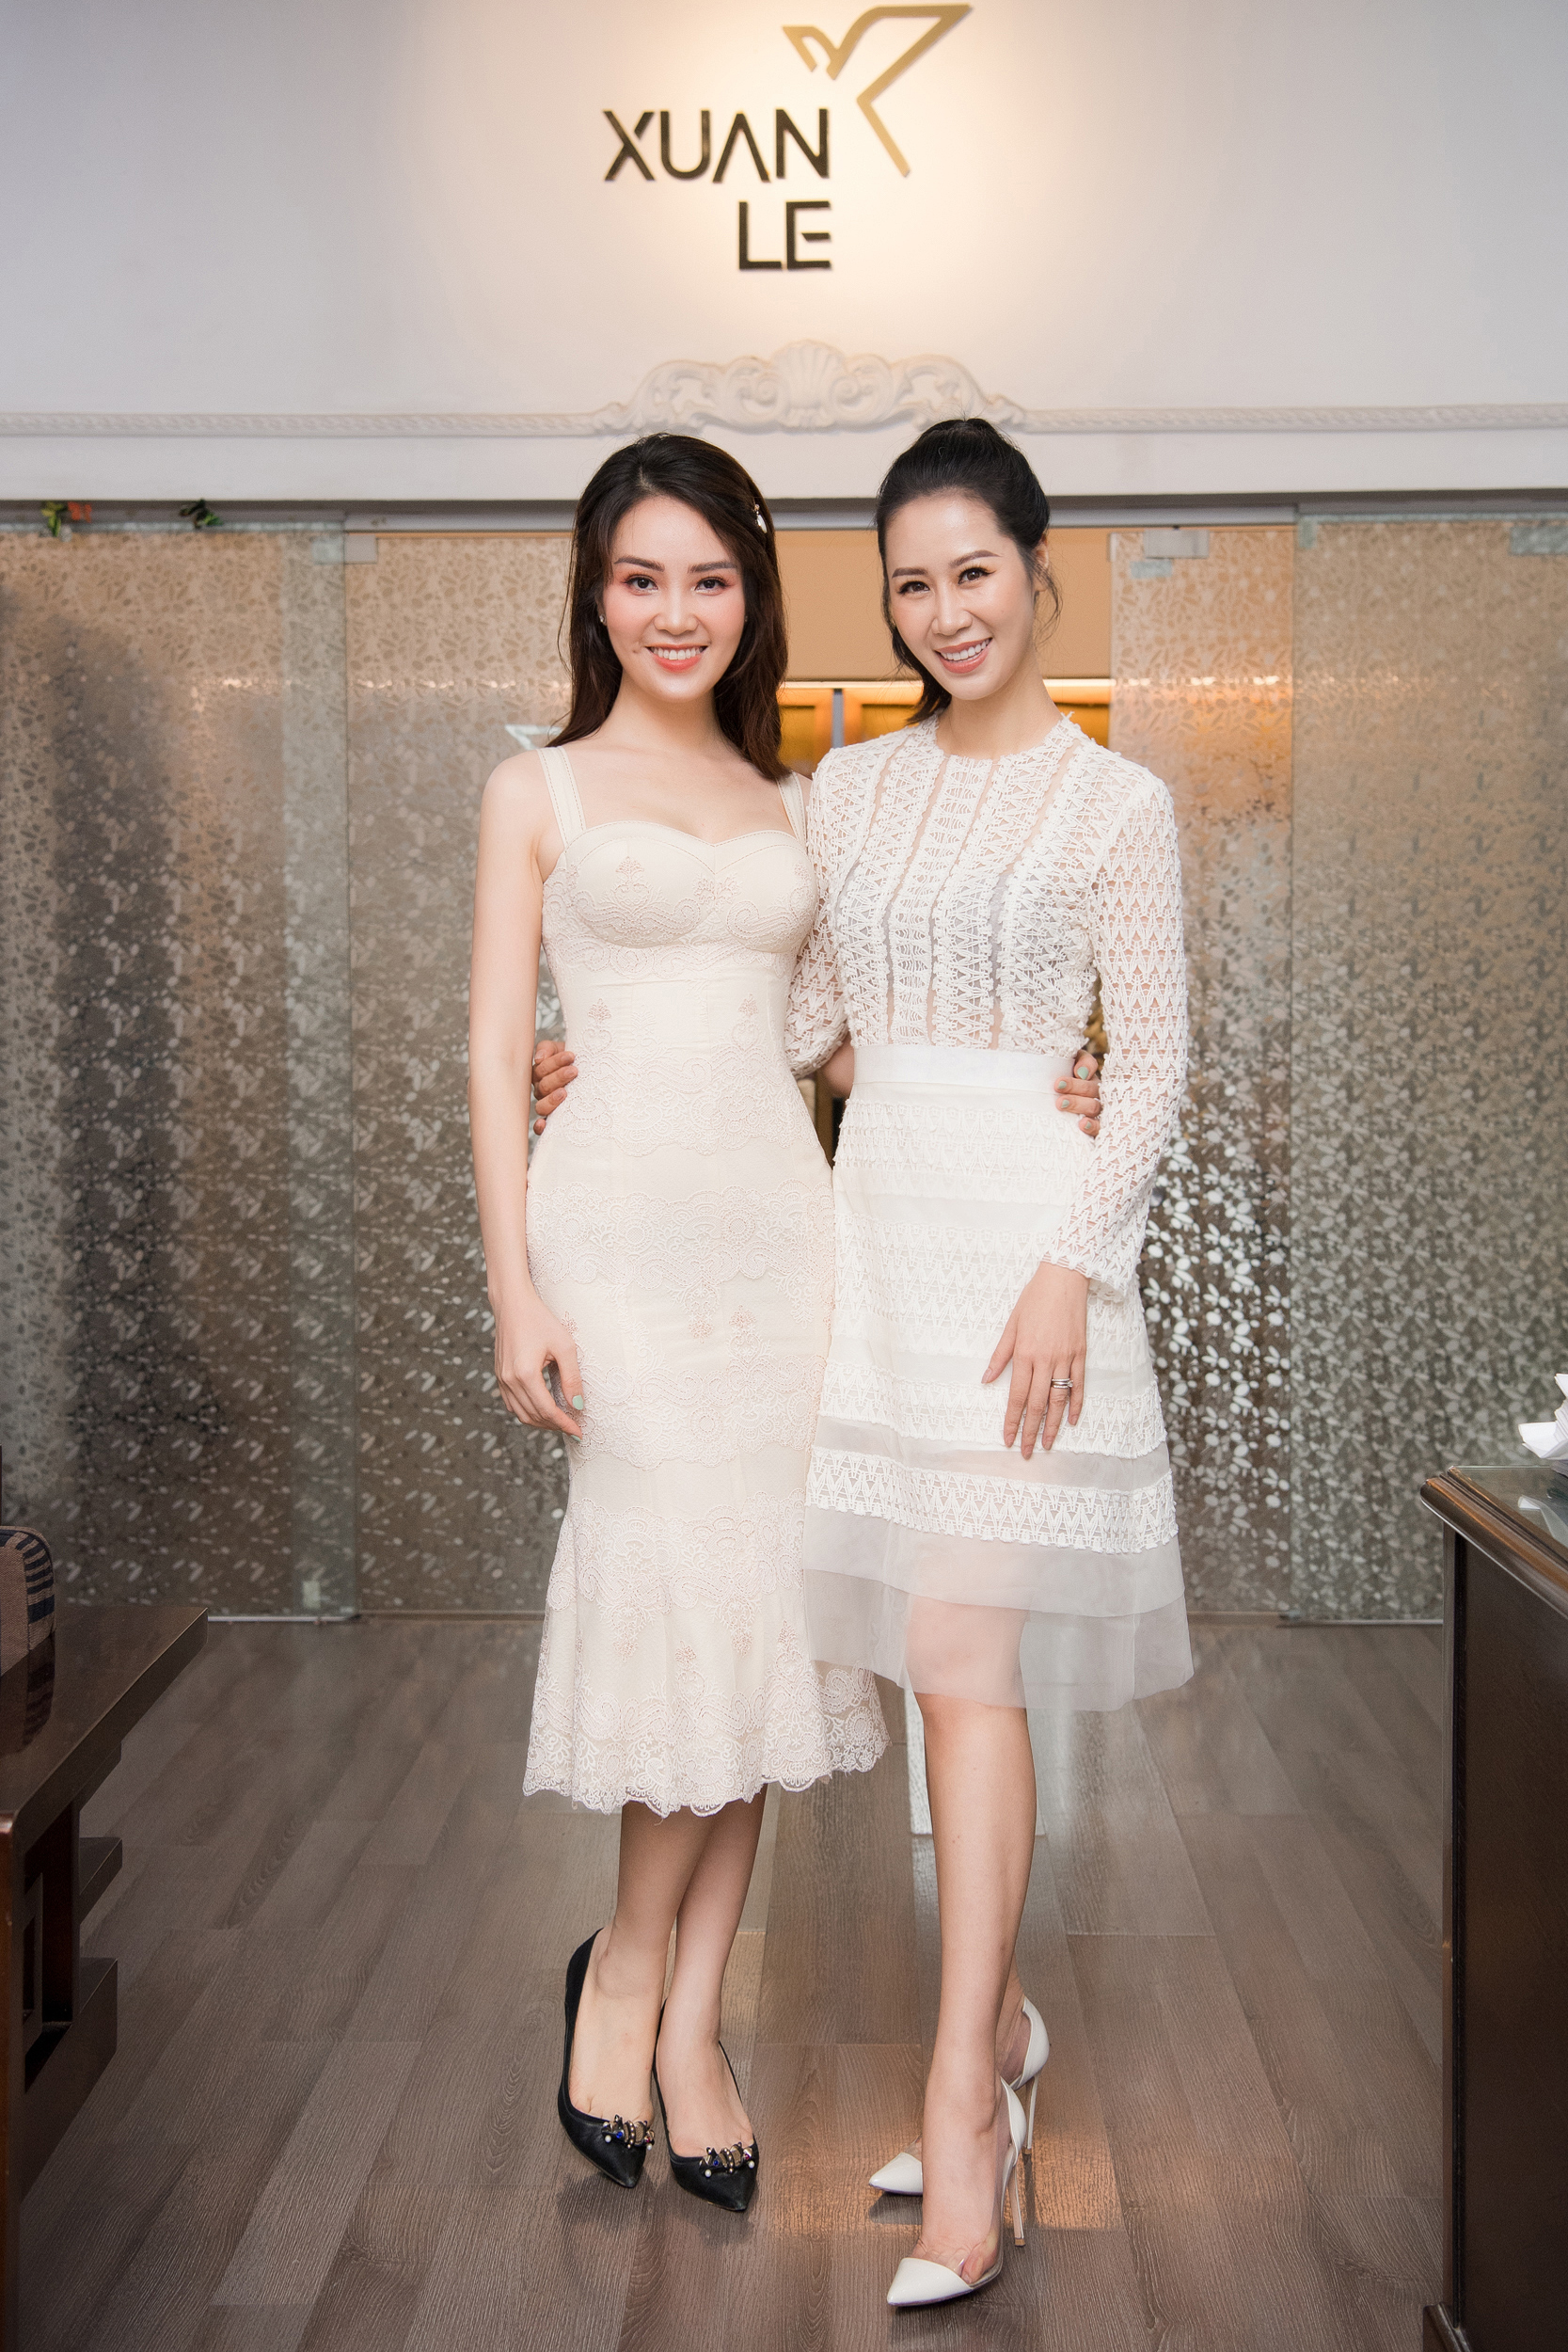 Á hậu Thụy Vân quyên góp trang phục cũ ủng hộ chiến dịch tái chế của NTK Xuân Lê - Ảnh 5.